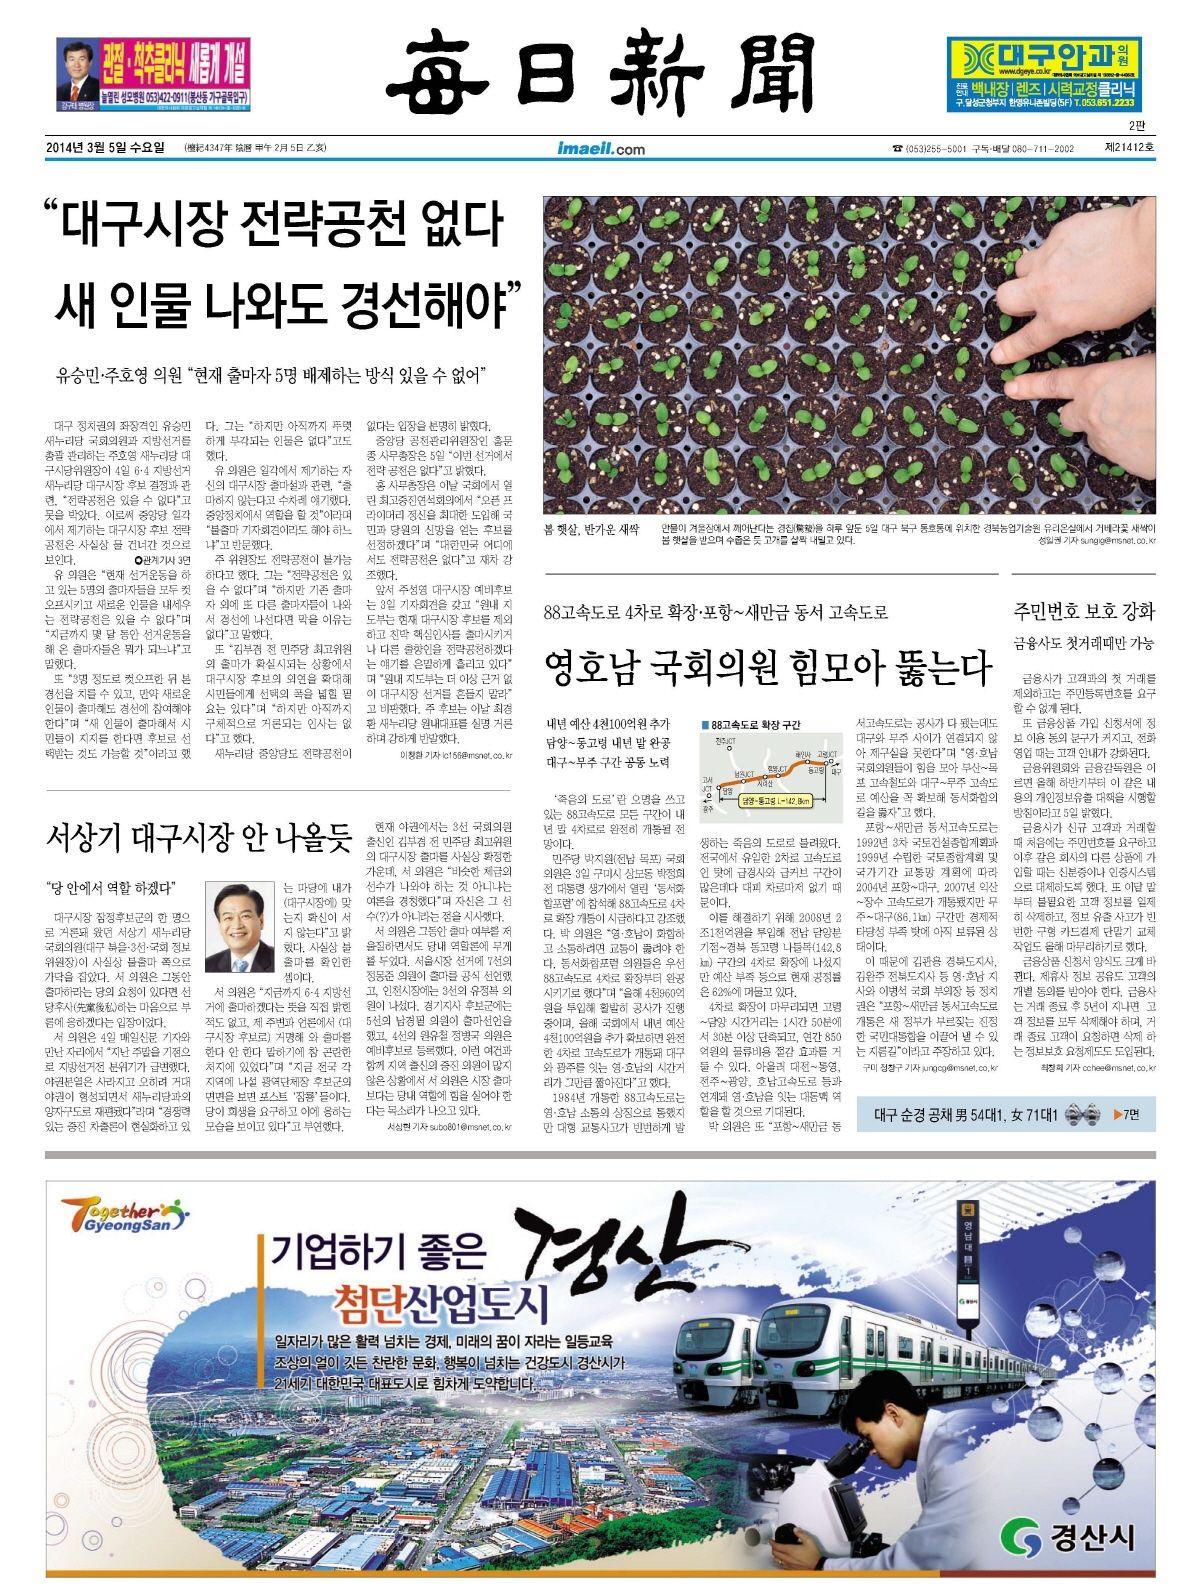 2014년 3월 5일 수요일 매일신문 1면